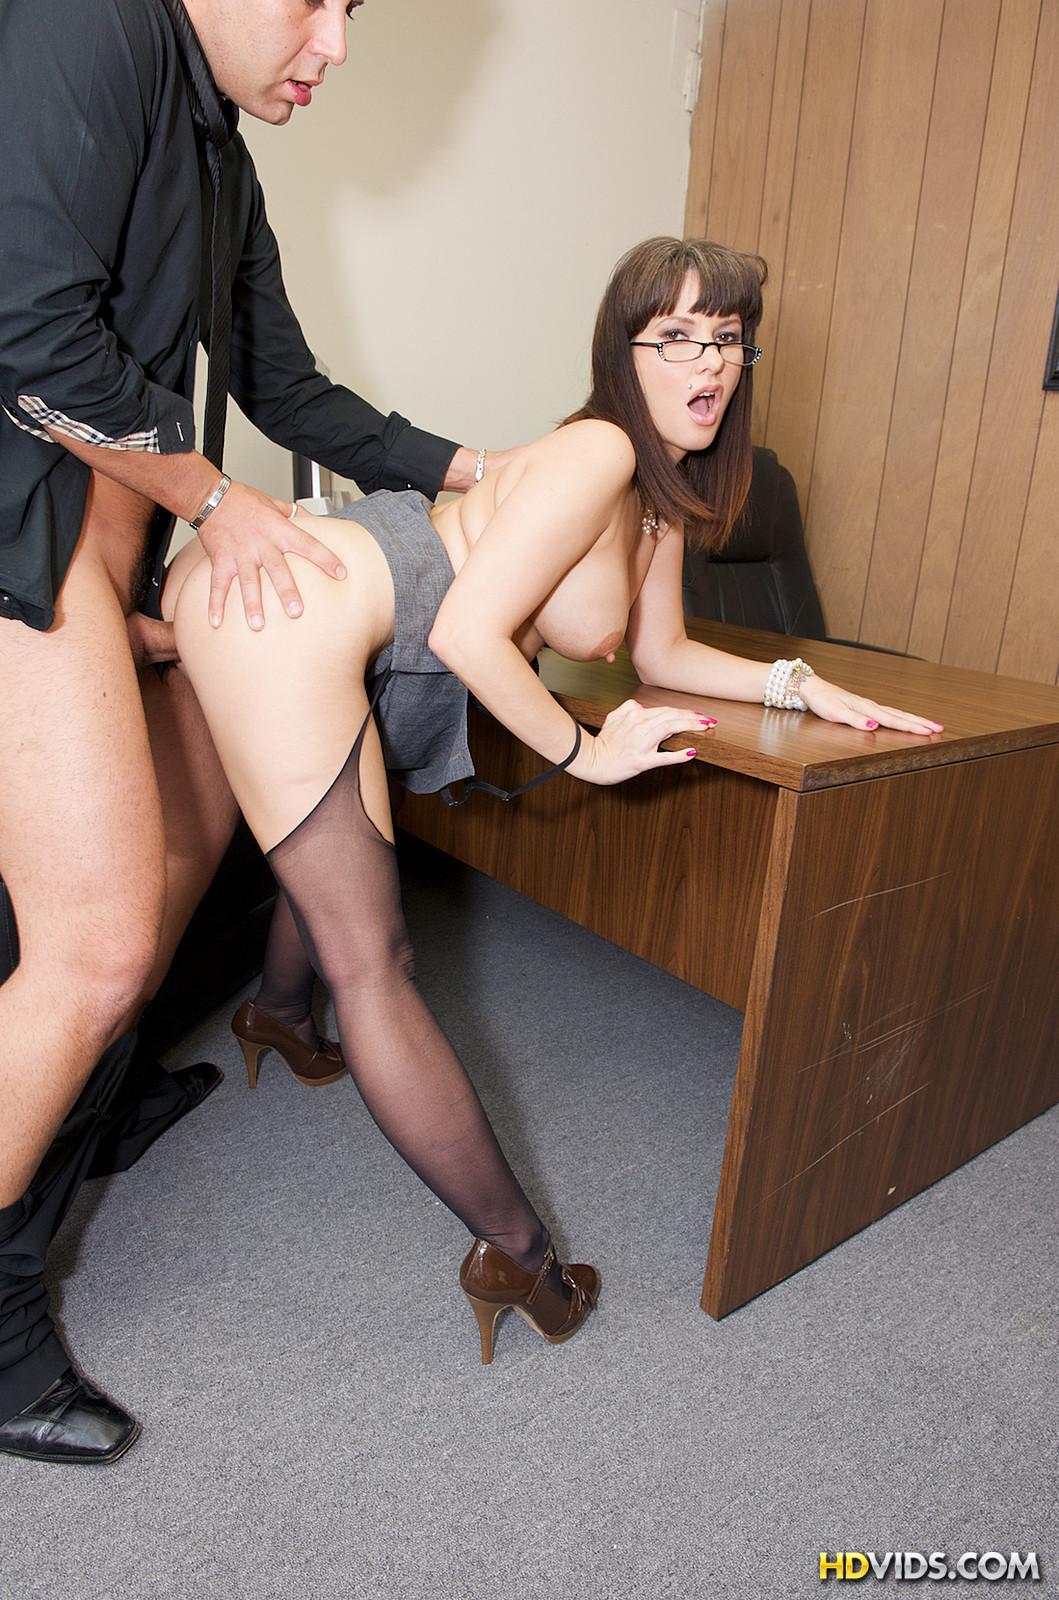 Русская девка устраивается на работу через секс 6 фотография